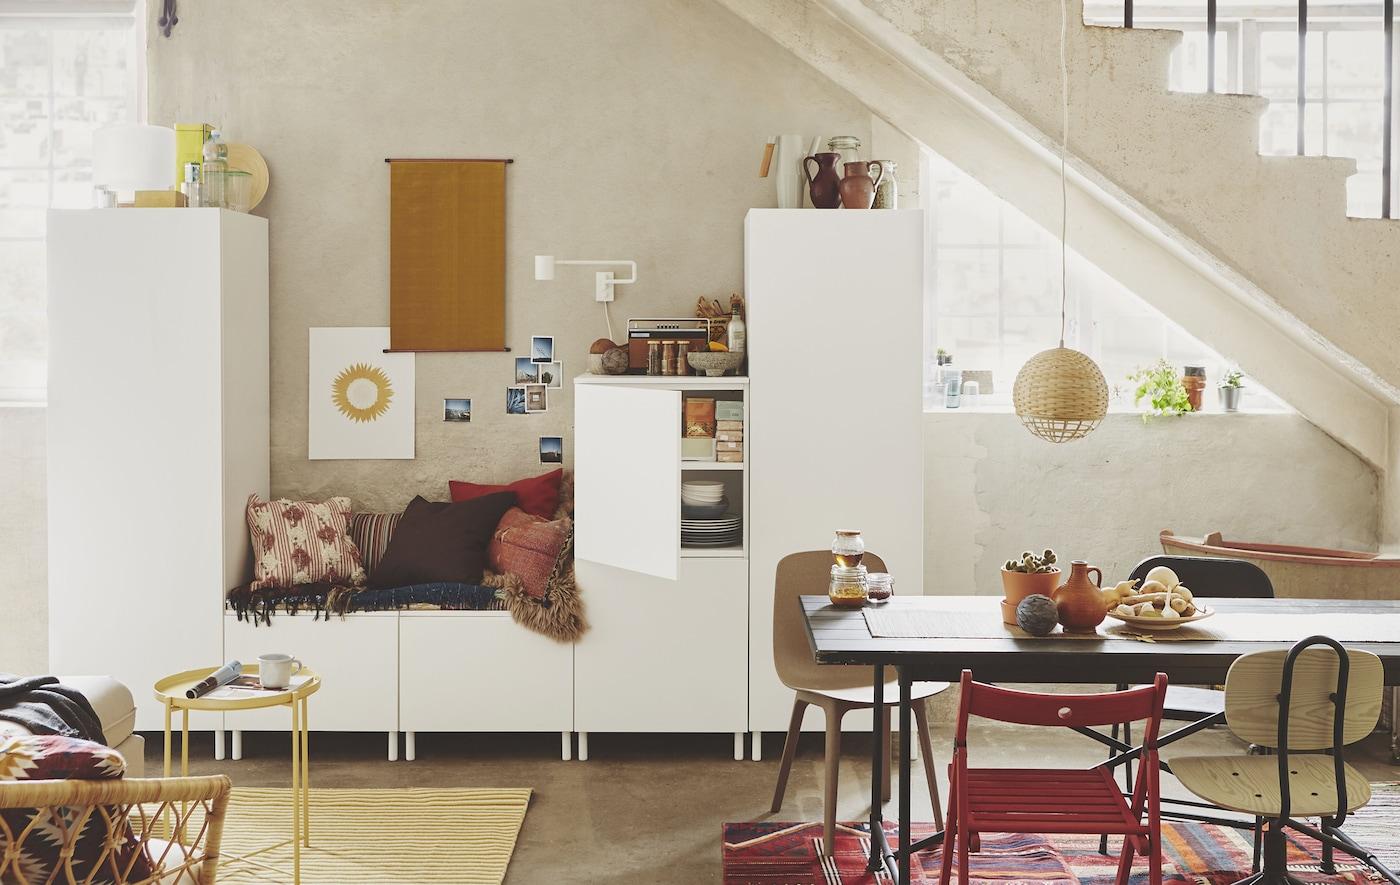 Mobili modulari bianchi in un appartamento open space.